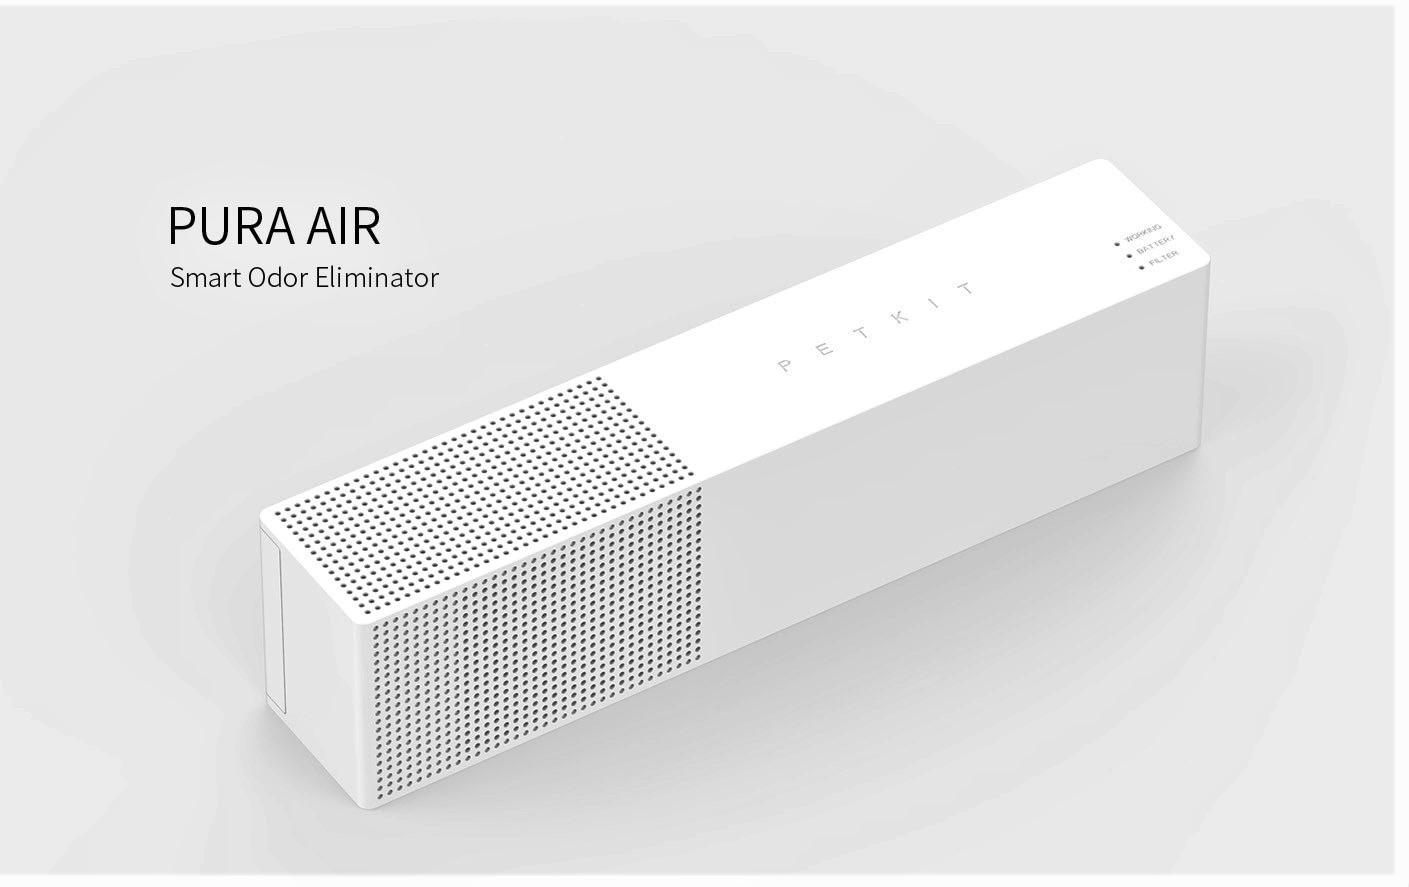 เครื่องกำจัดกลิ่นอัตโนมัติ PETKIT PURA AIR